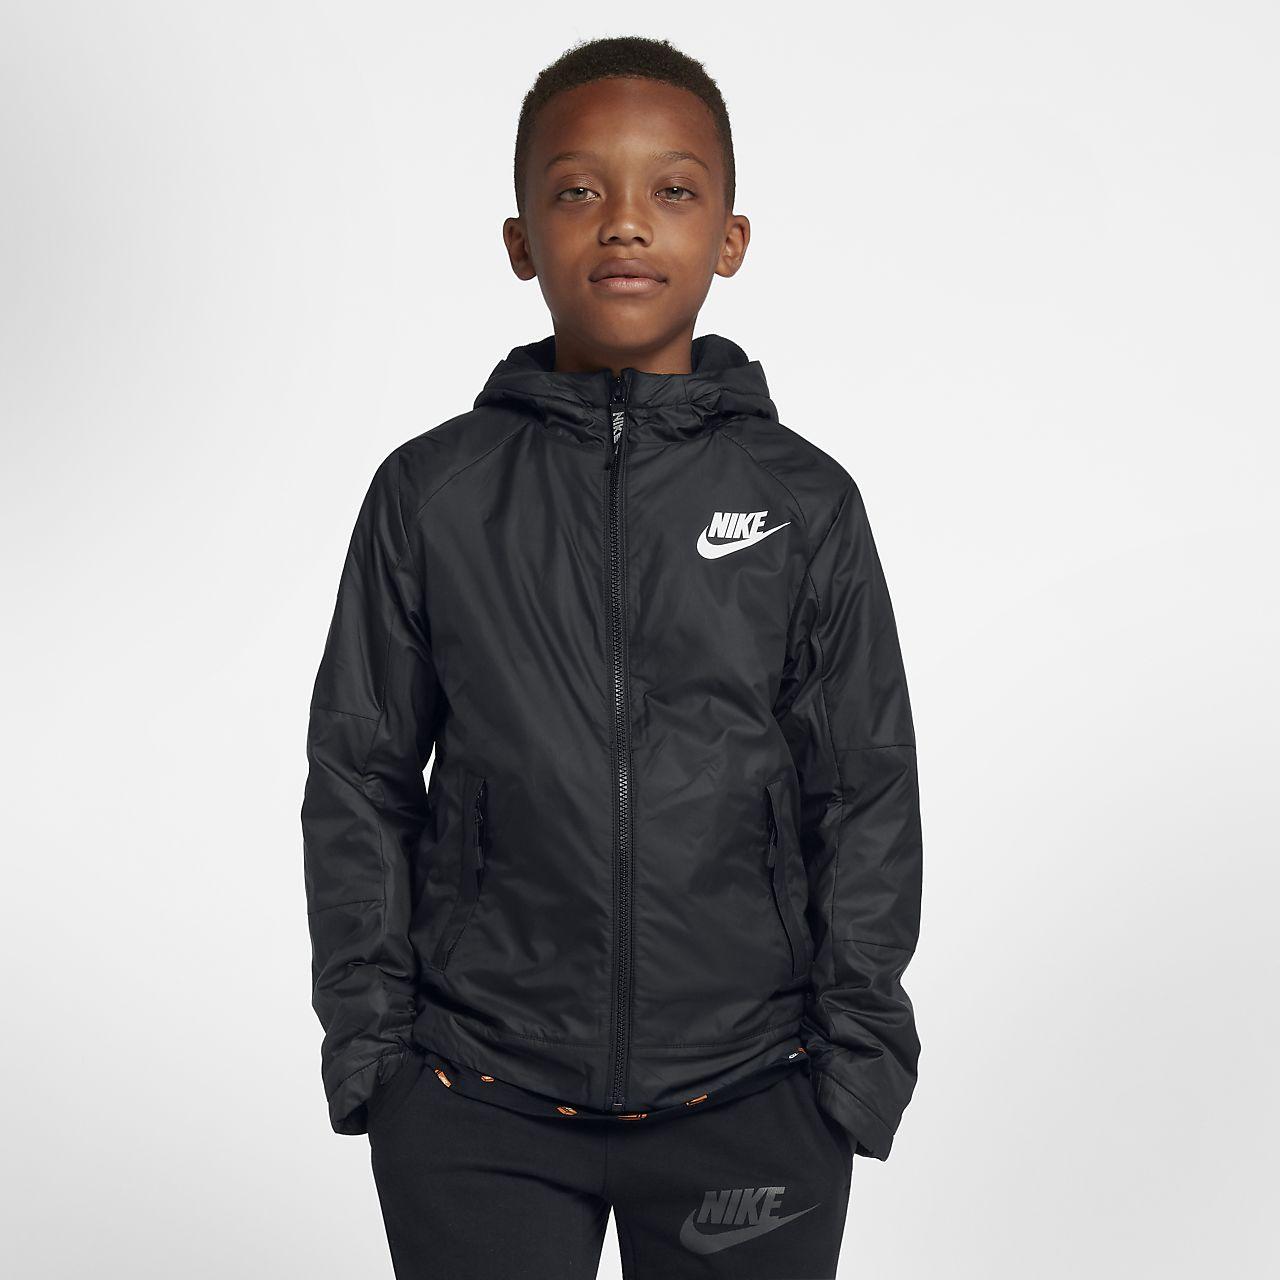 7e87d25c01b88 Veste Nike Sportswear pour Enfant plus âgé. Nike.com FR